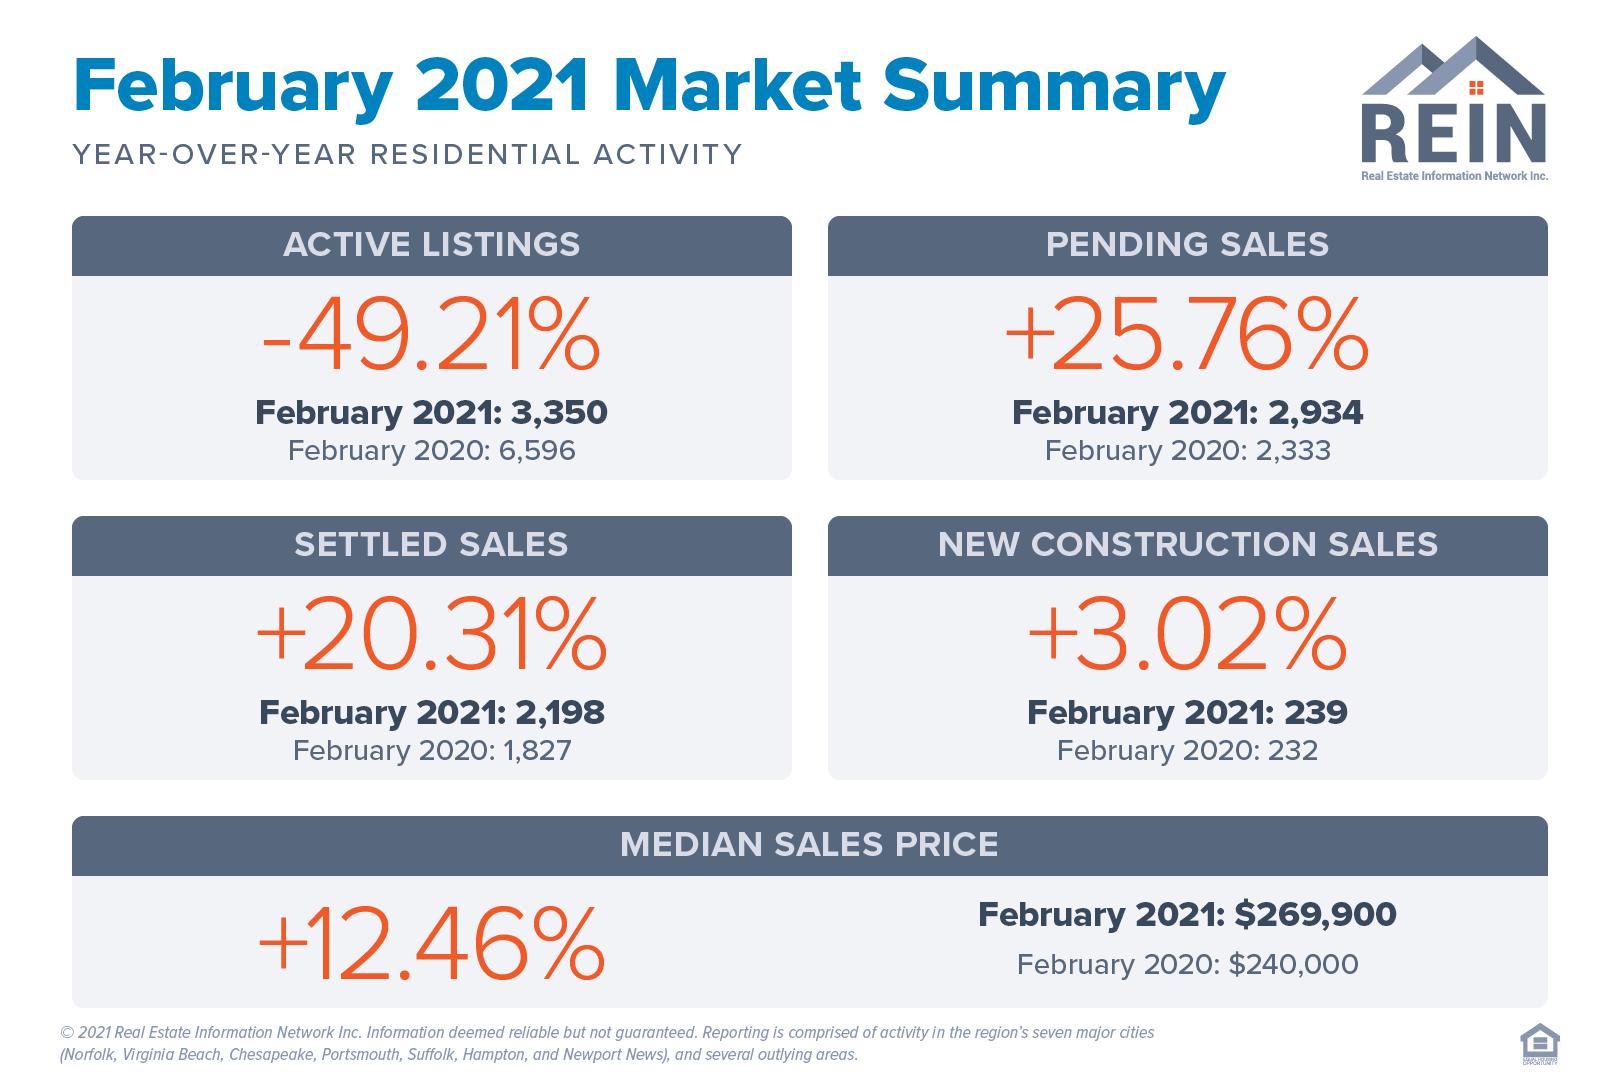 February 2021 Market Summary